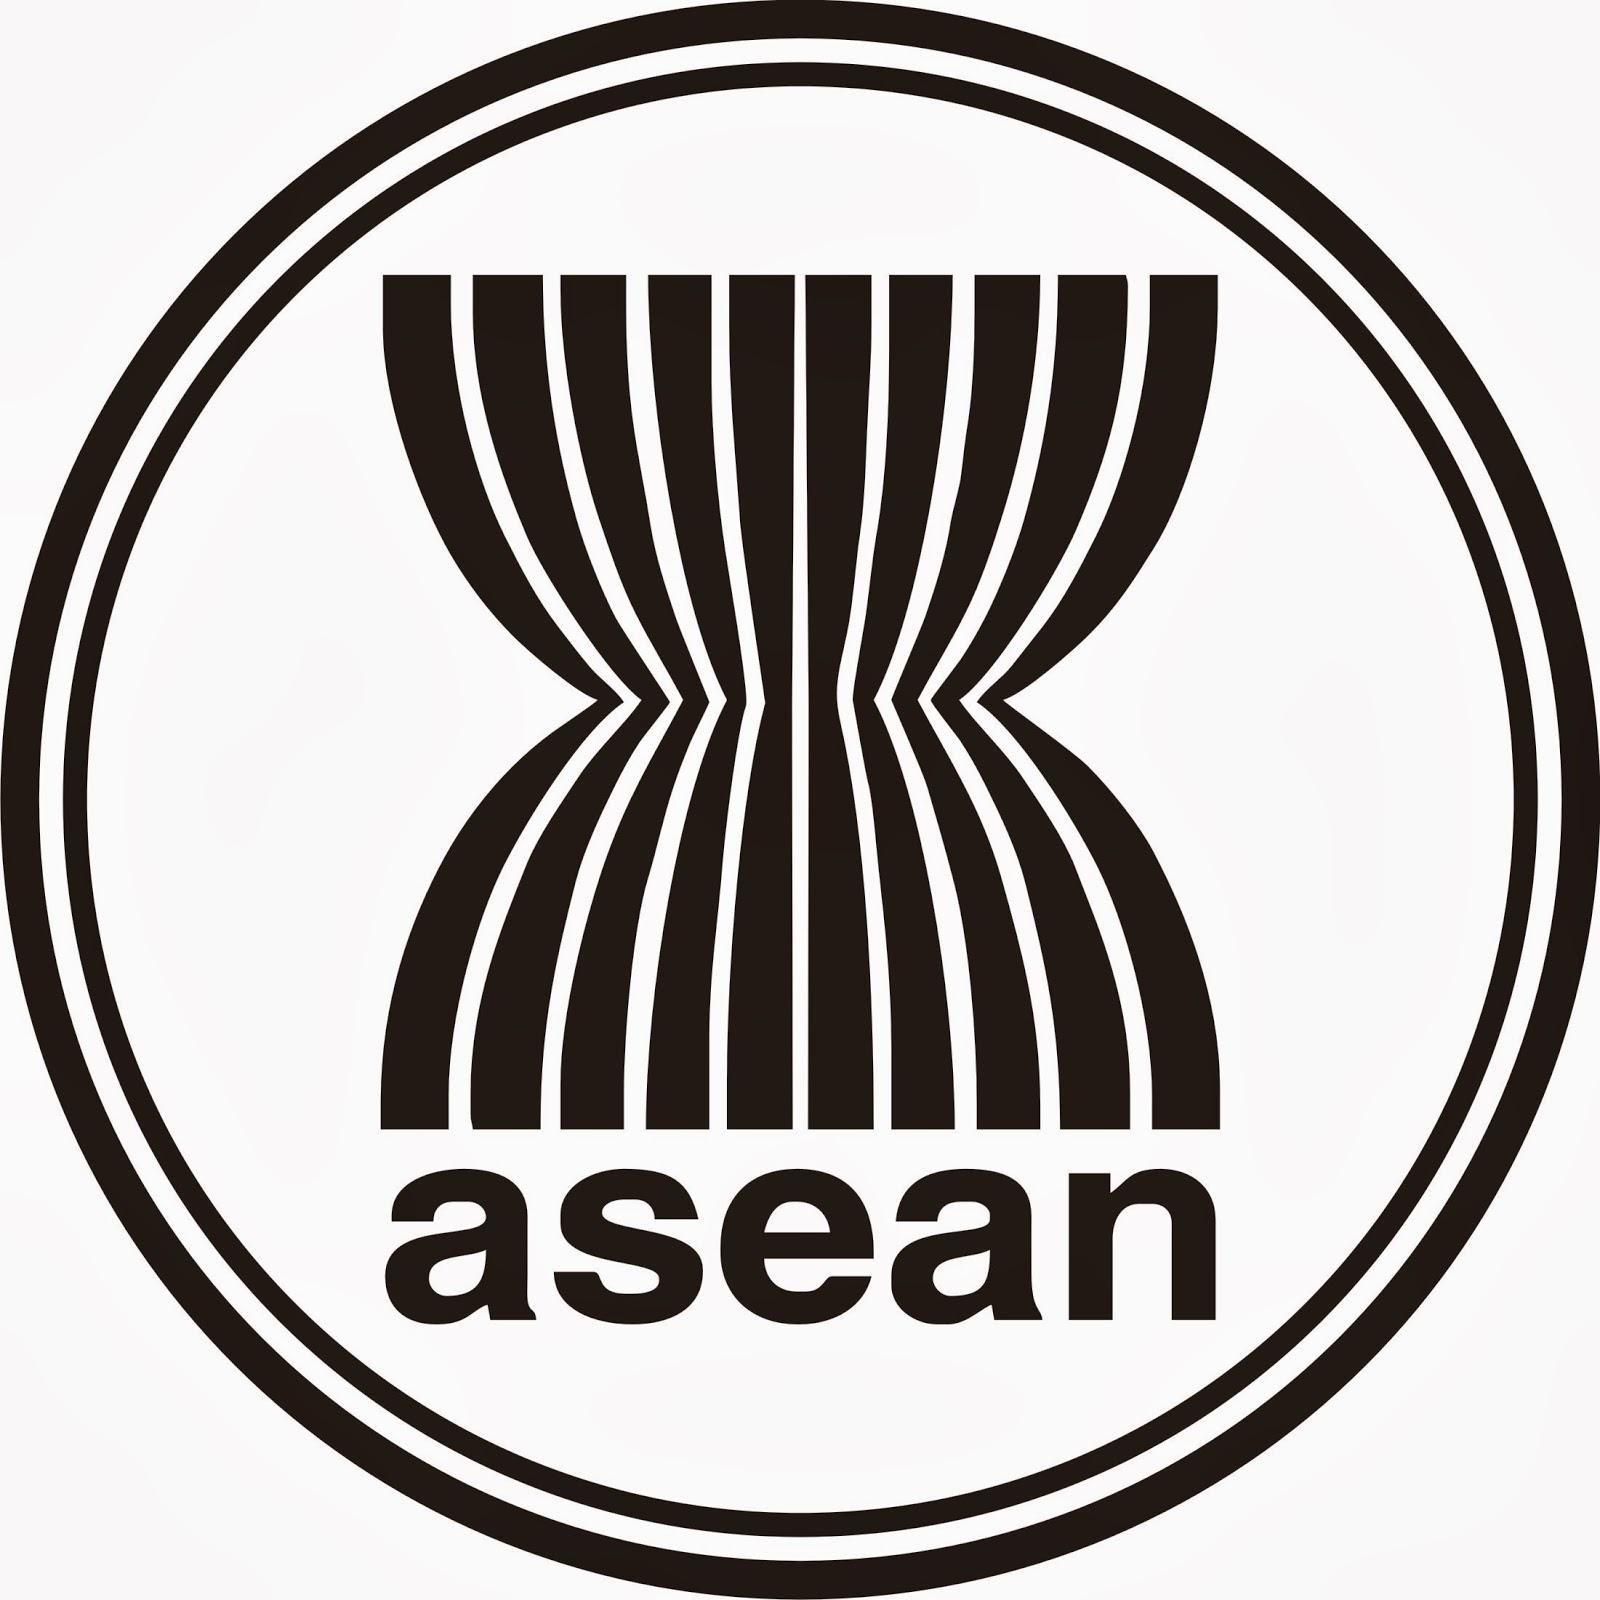 Arti Lambang Asean Penjelasannya Sejarah Negara Logo Hitam Putih Black